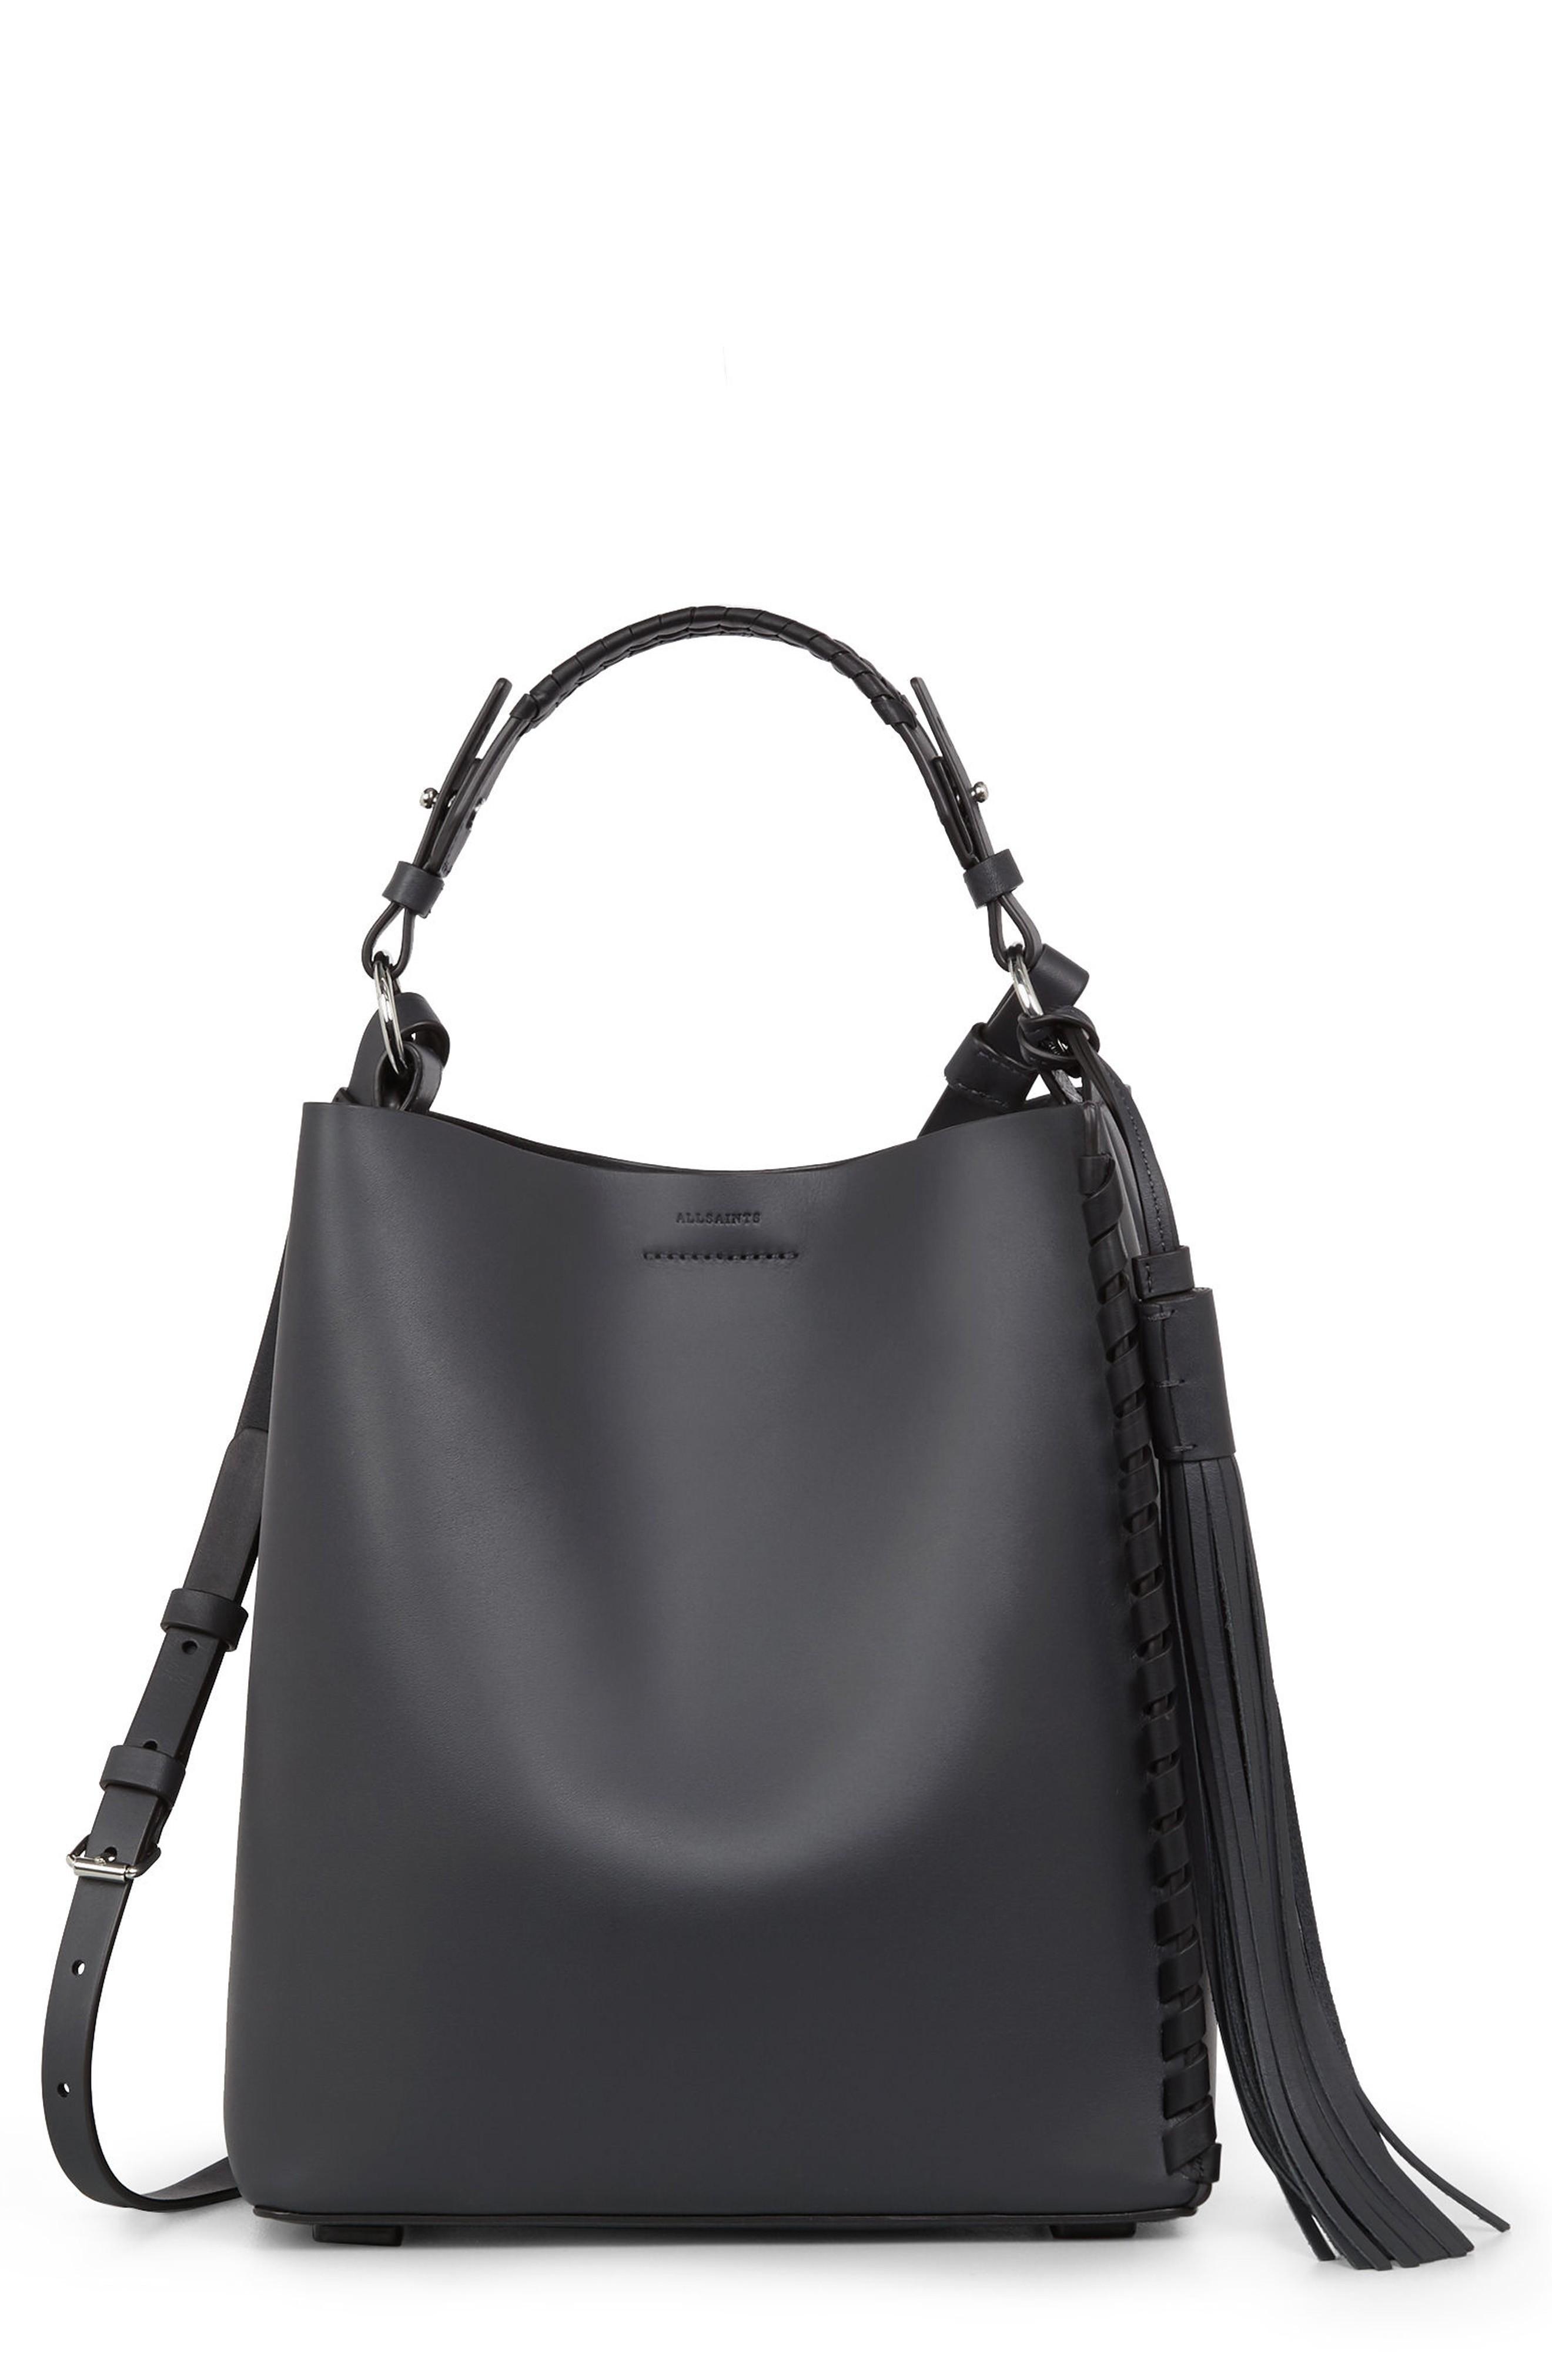 Allsaints Kepi Leather Shoulder Bag - Blue In Navy Black